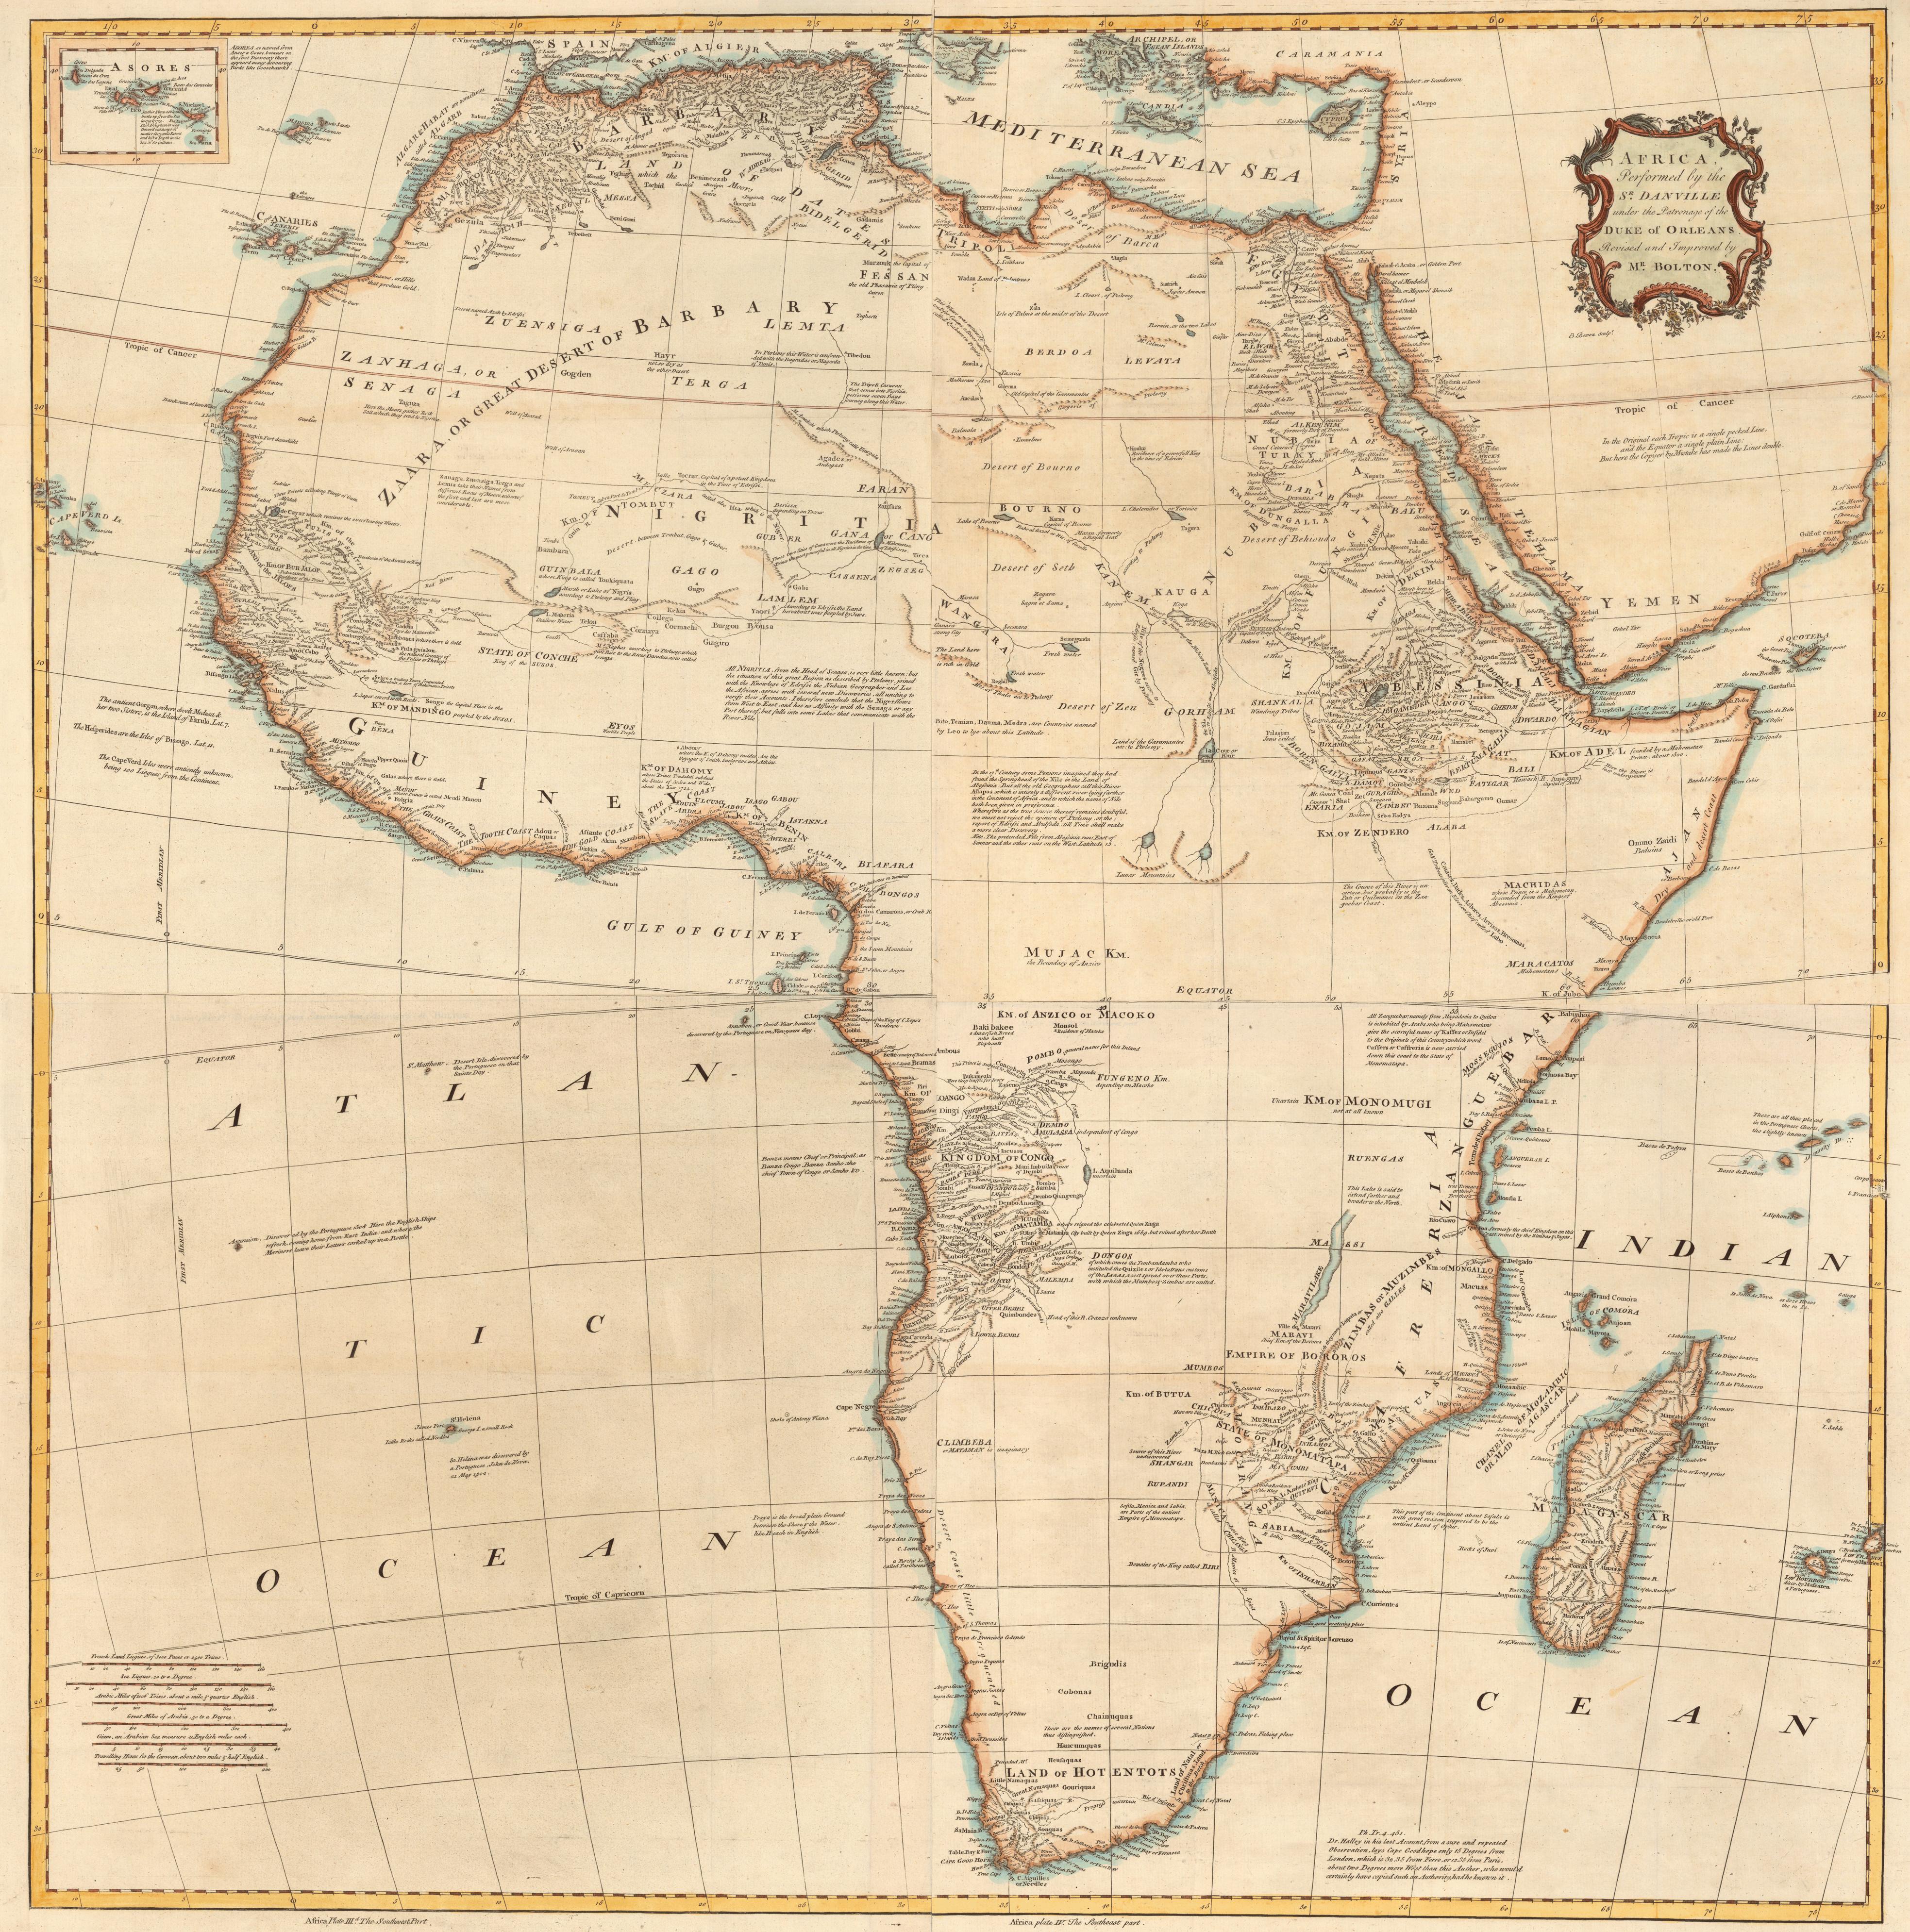 File:Africa Bolton 1766.jpg